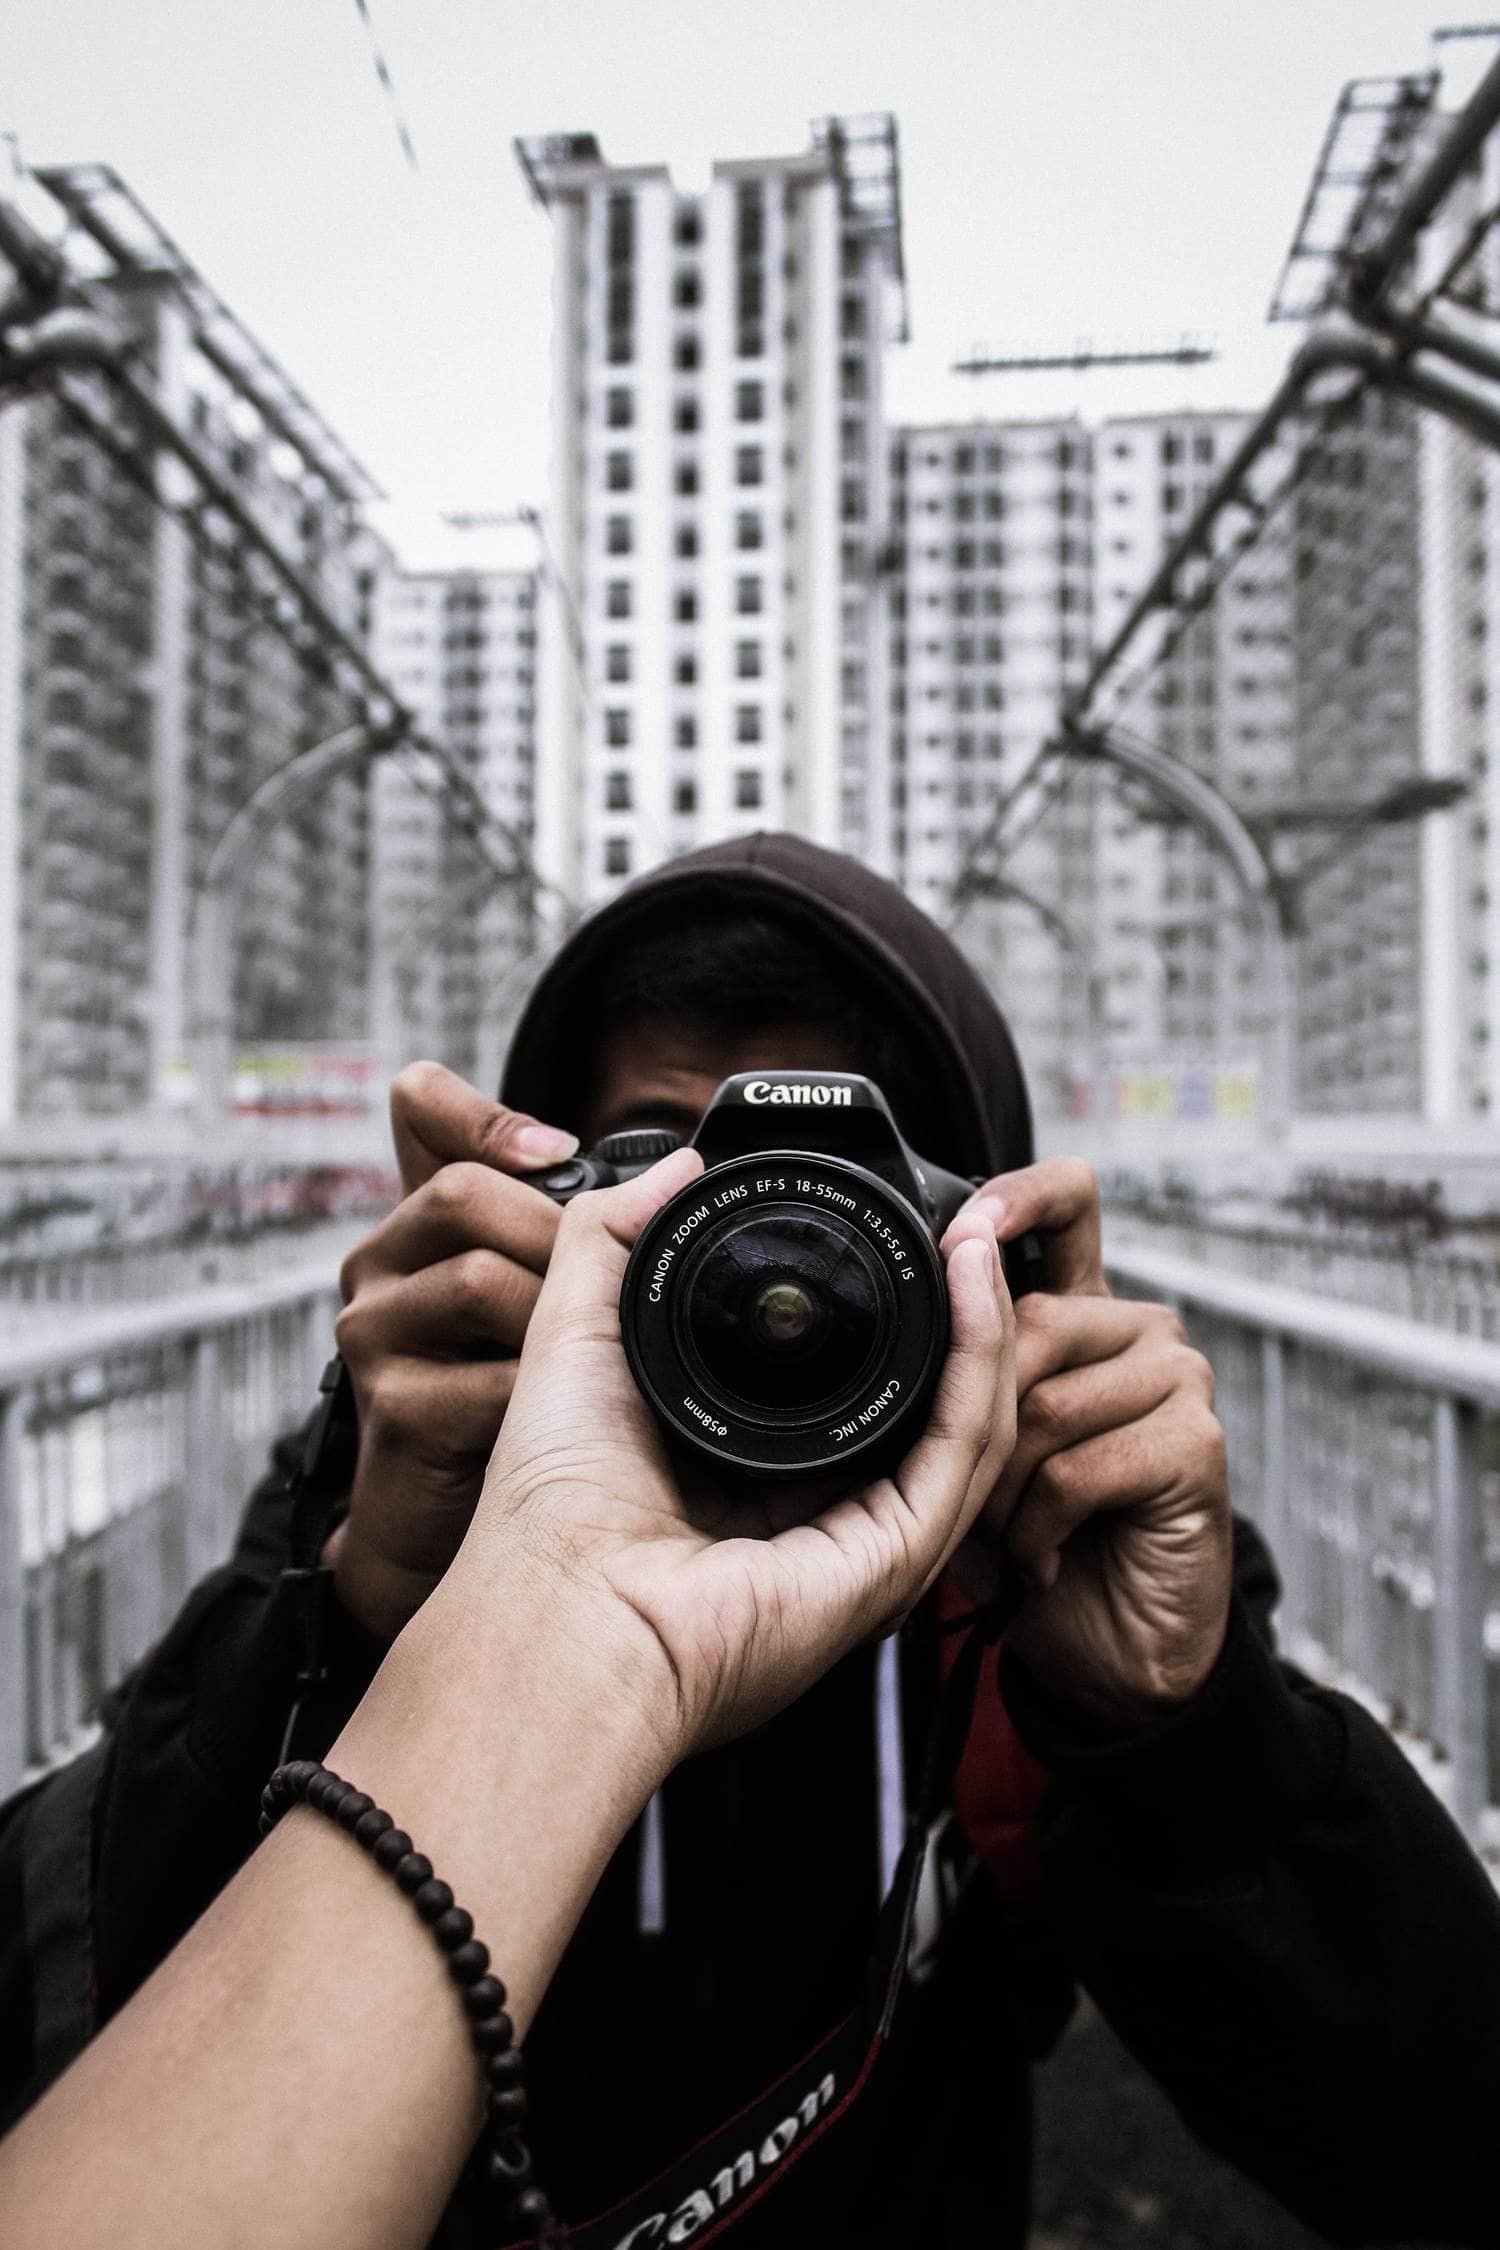 Juego de manos con cámara y objetivo